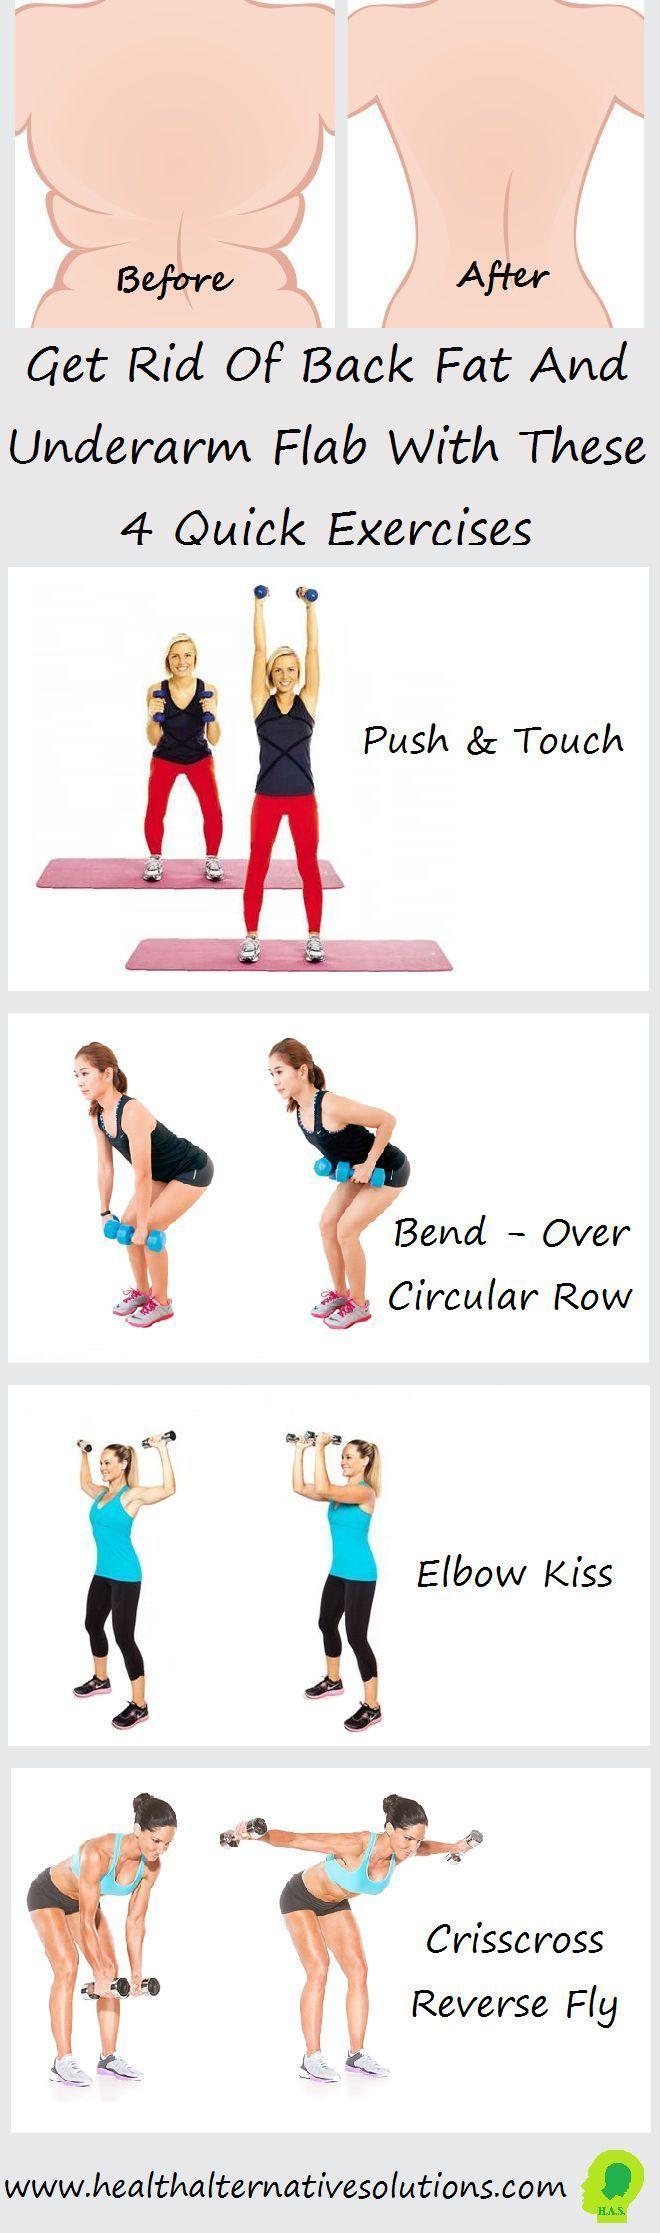 Fitness inspiration 4 ejercicios para reducir los for Ejercicios de gym